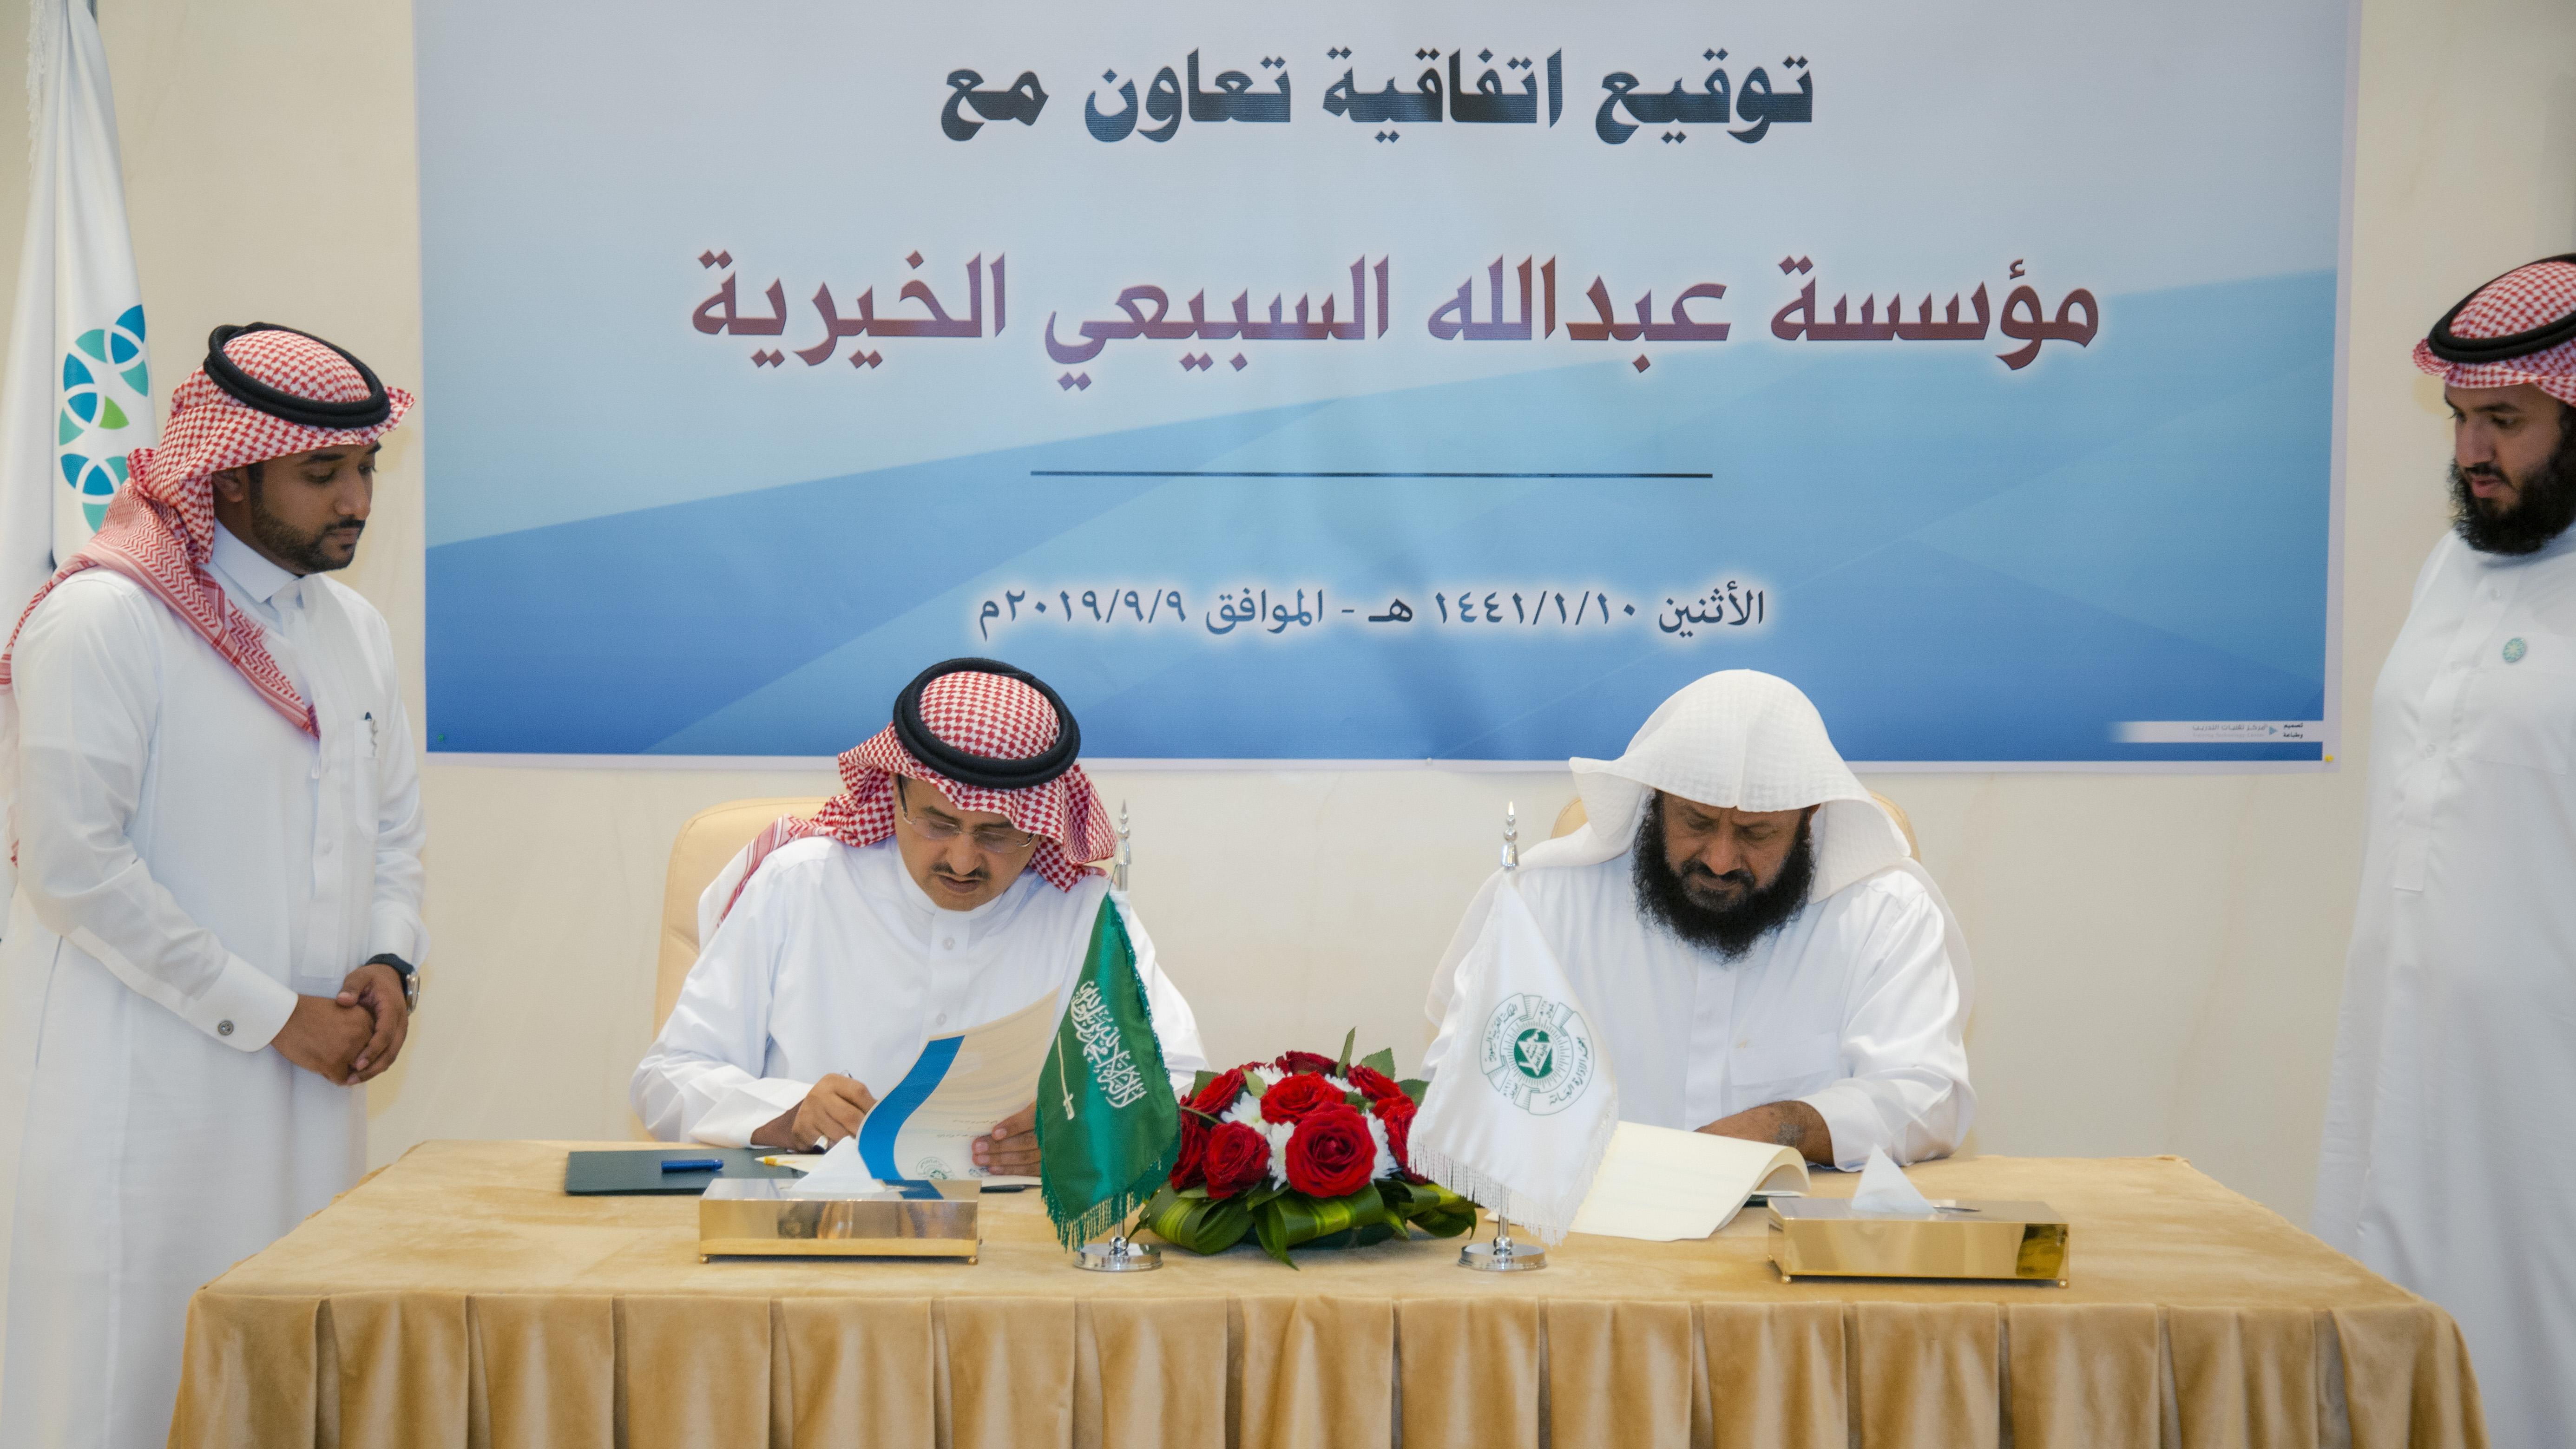 اتفاقية شراكة بين مؤسسة عبد الله بن إبراهيم السبيعي الخيرية ومعهد الإدارة العامة